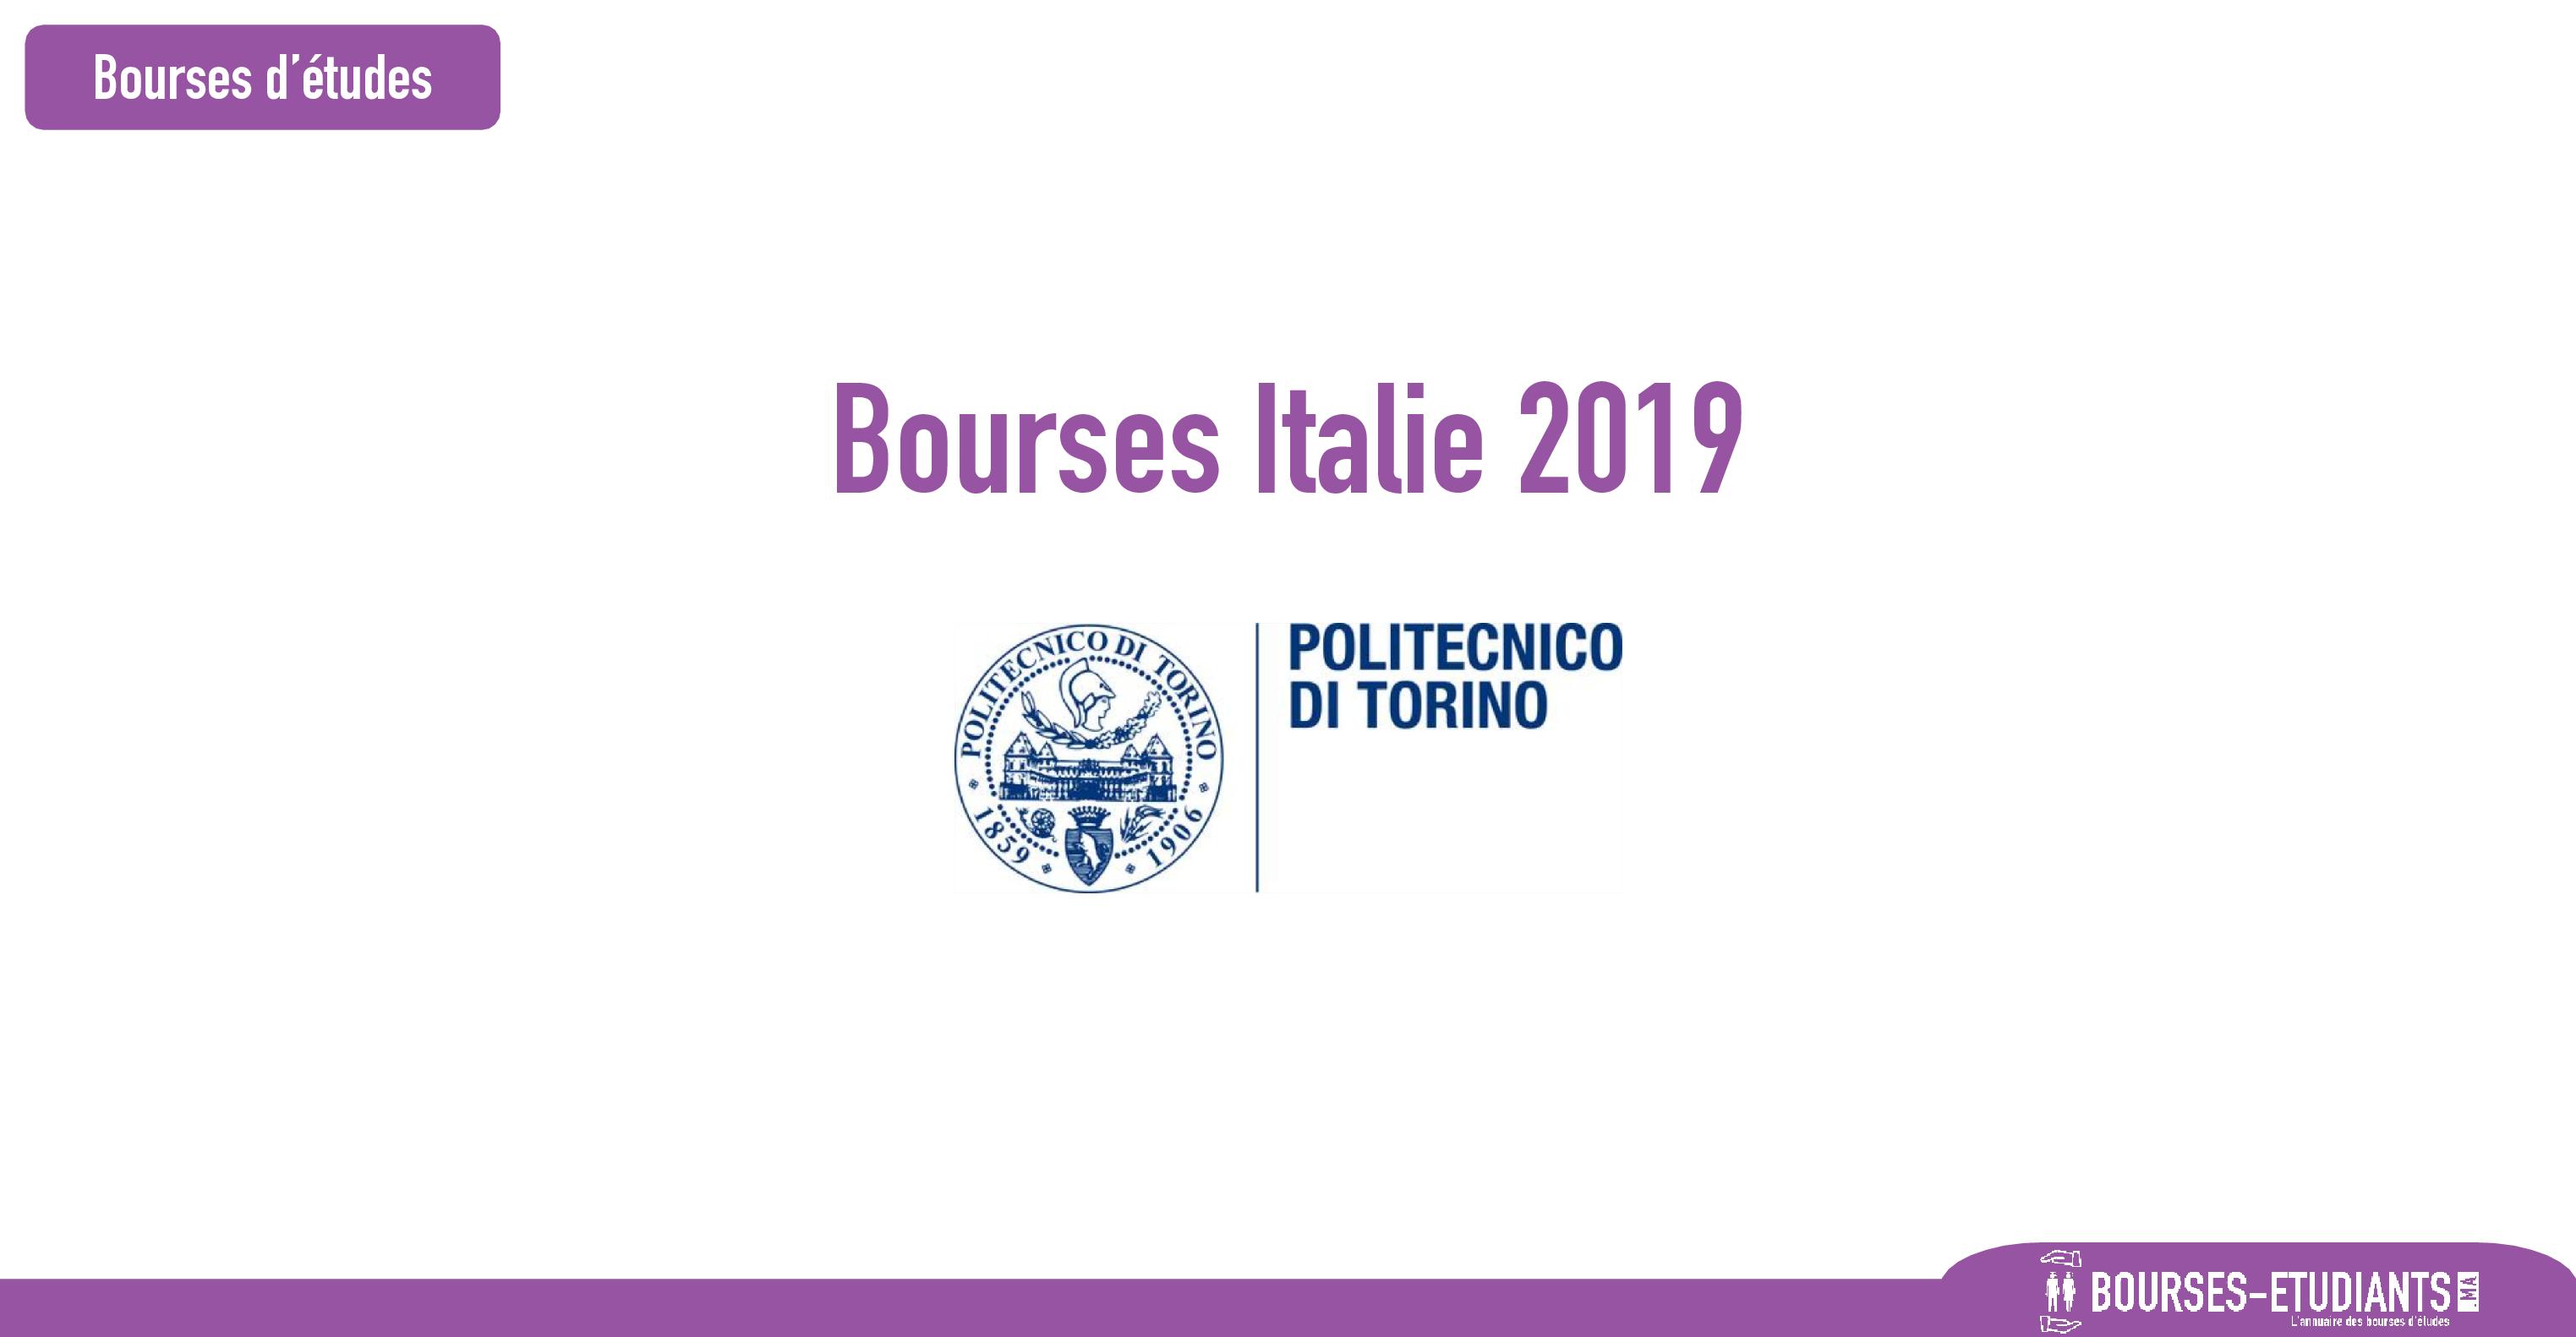 bourse Politecnico di Torino